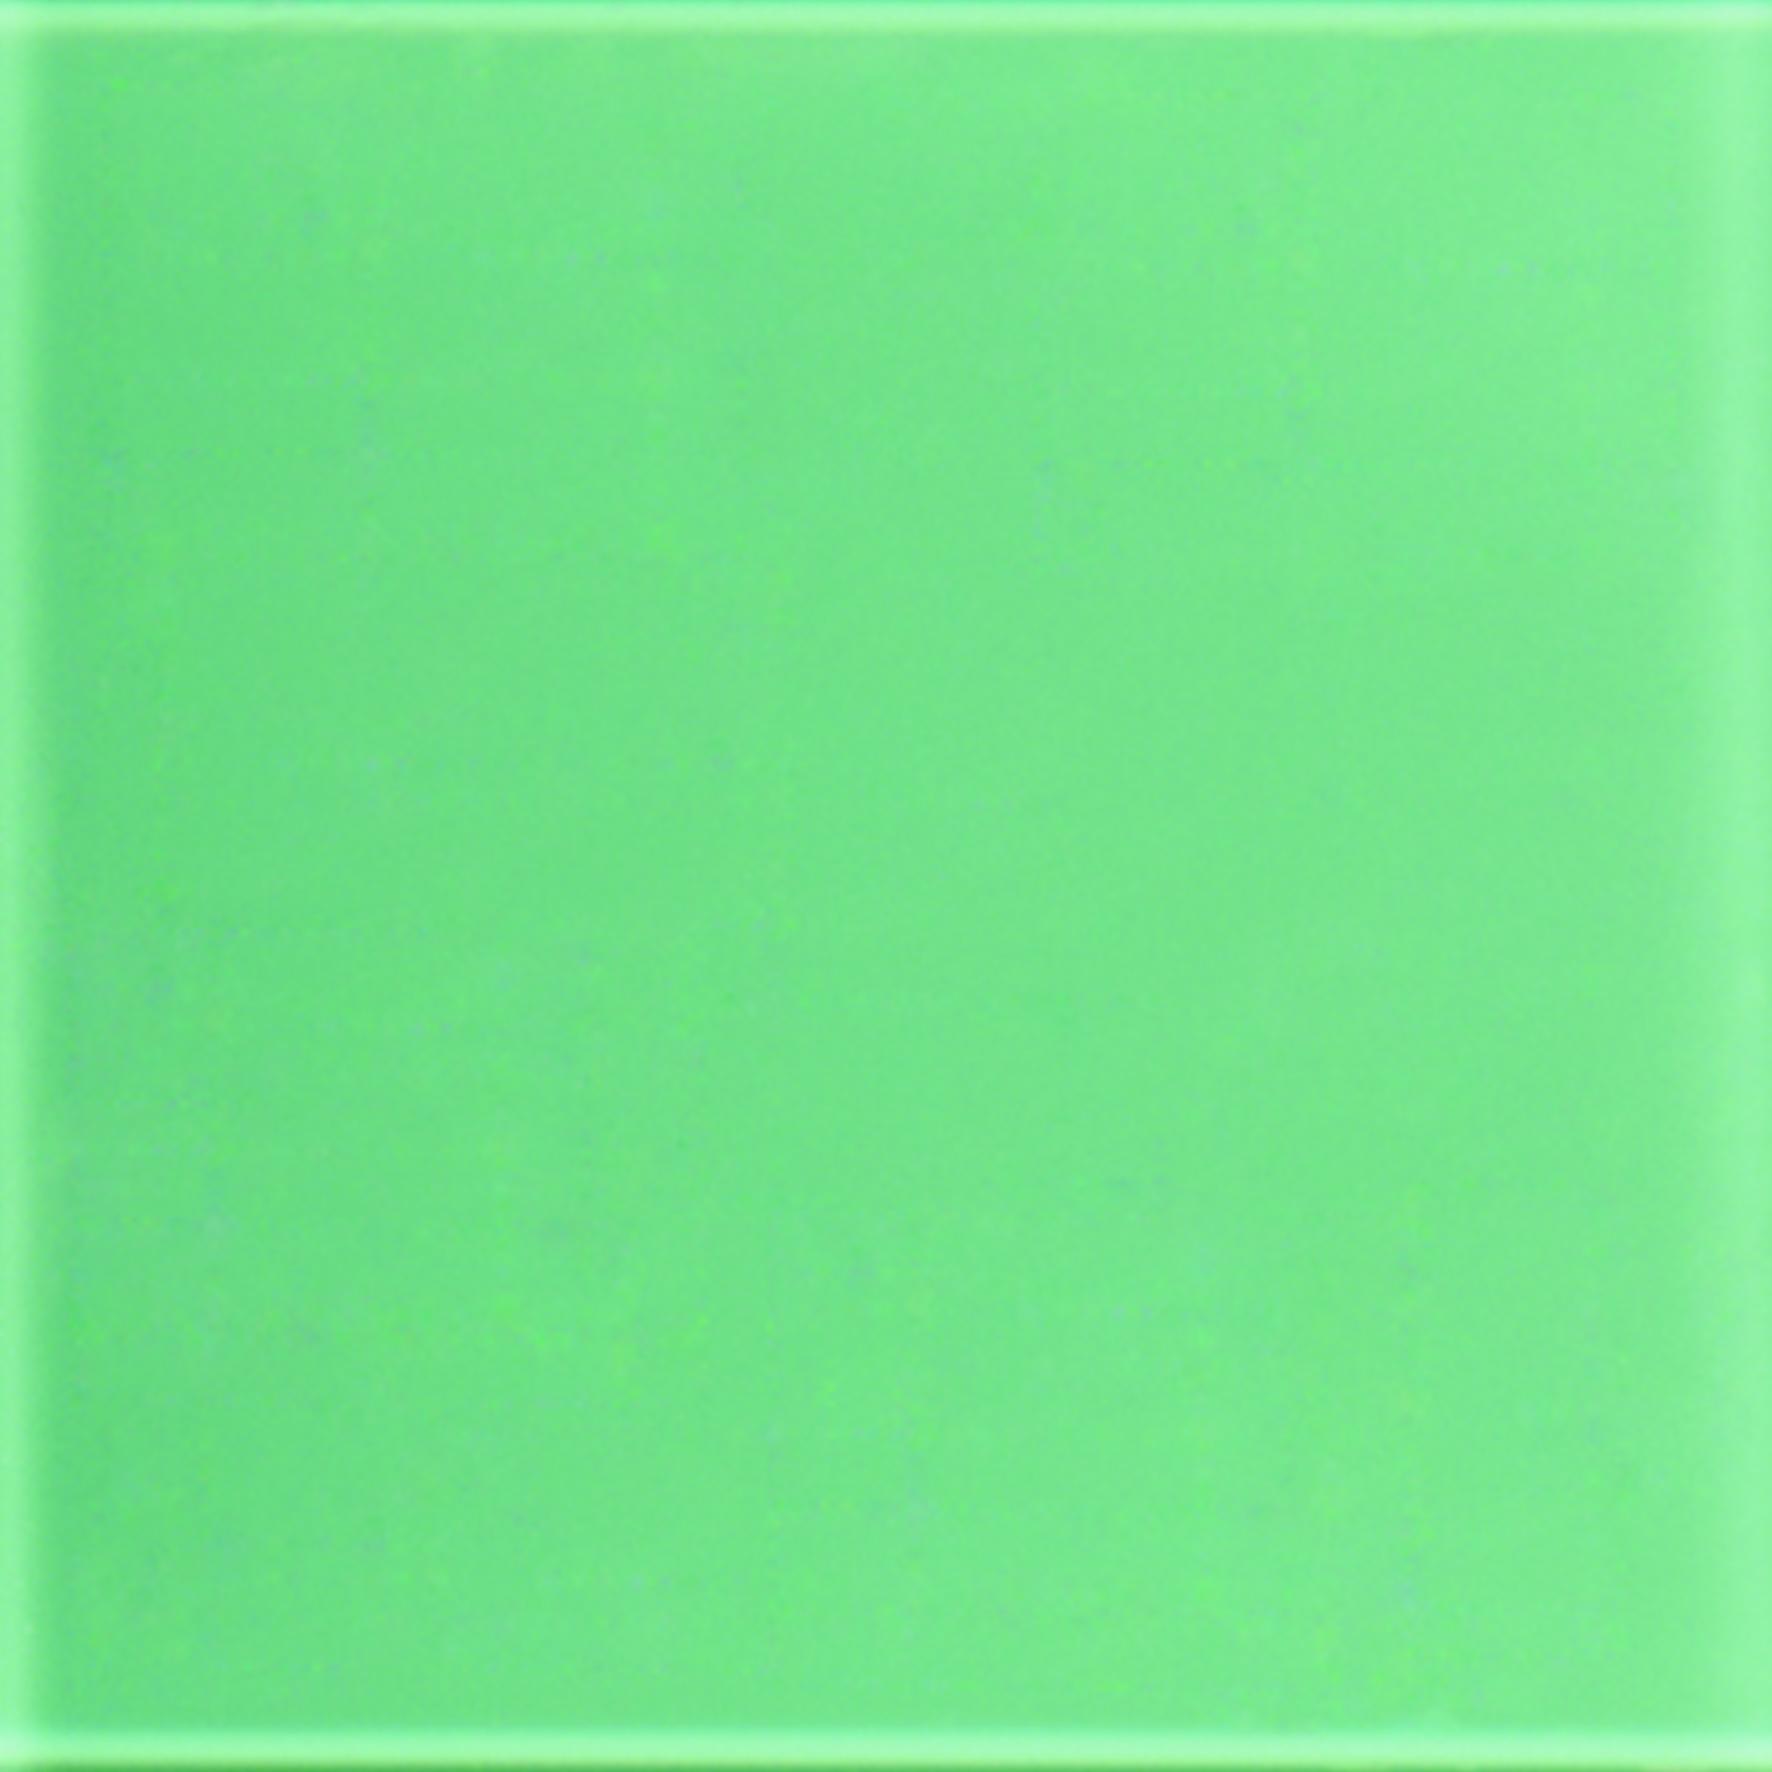 MINT GREEN - Chelsea Artisans